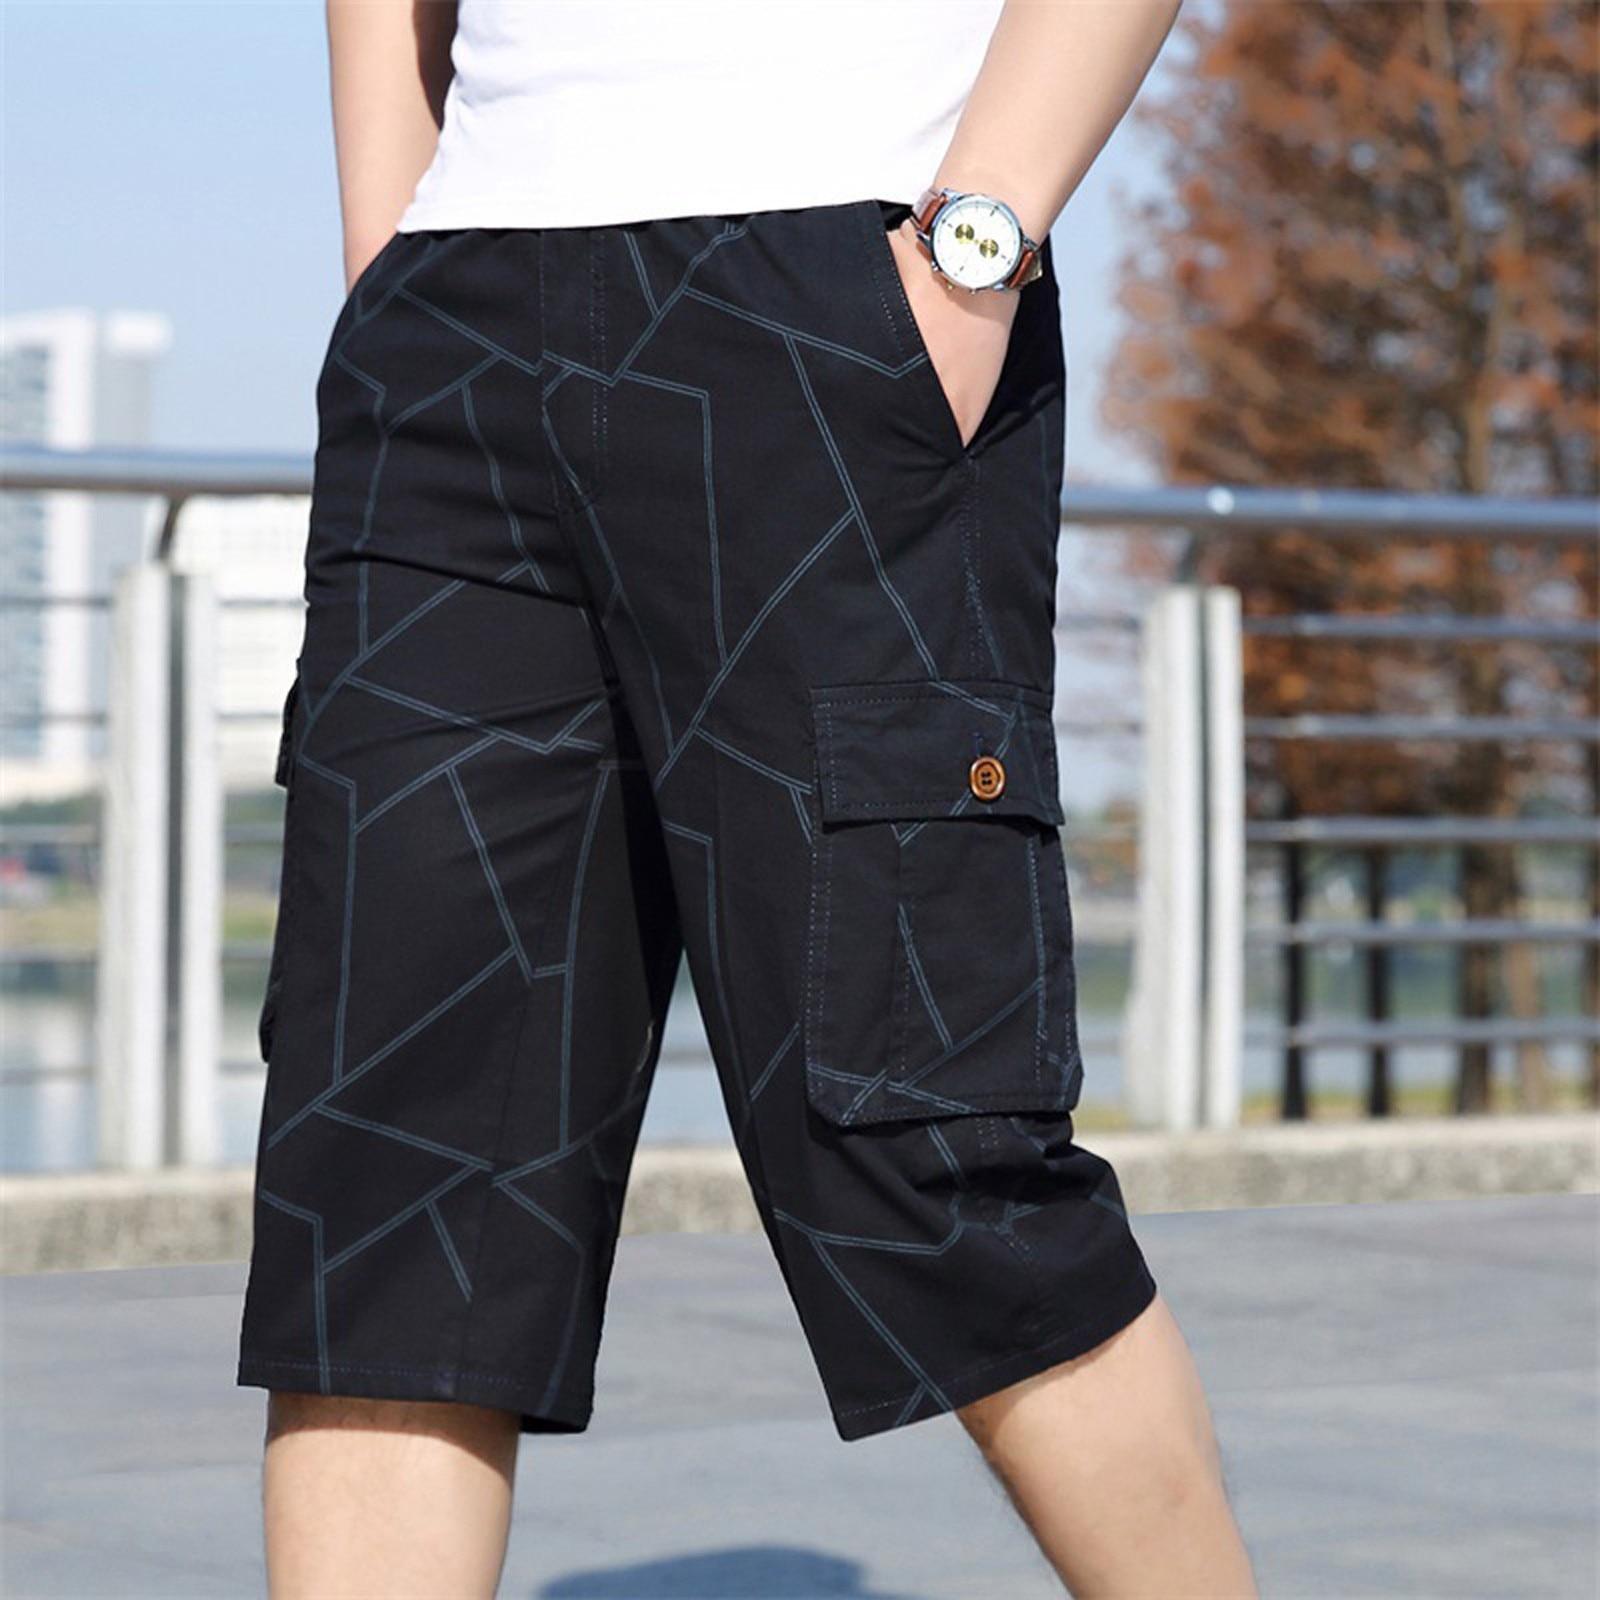 Мужские шорты-бермуды, быстросохнущие пляжные черные длинные шорты, мужские шорты, летние бриджи, 2021 тонкие брюки длиной 3/4